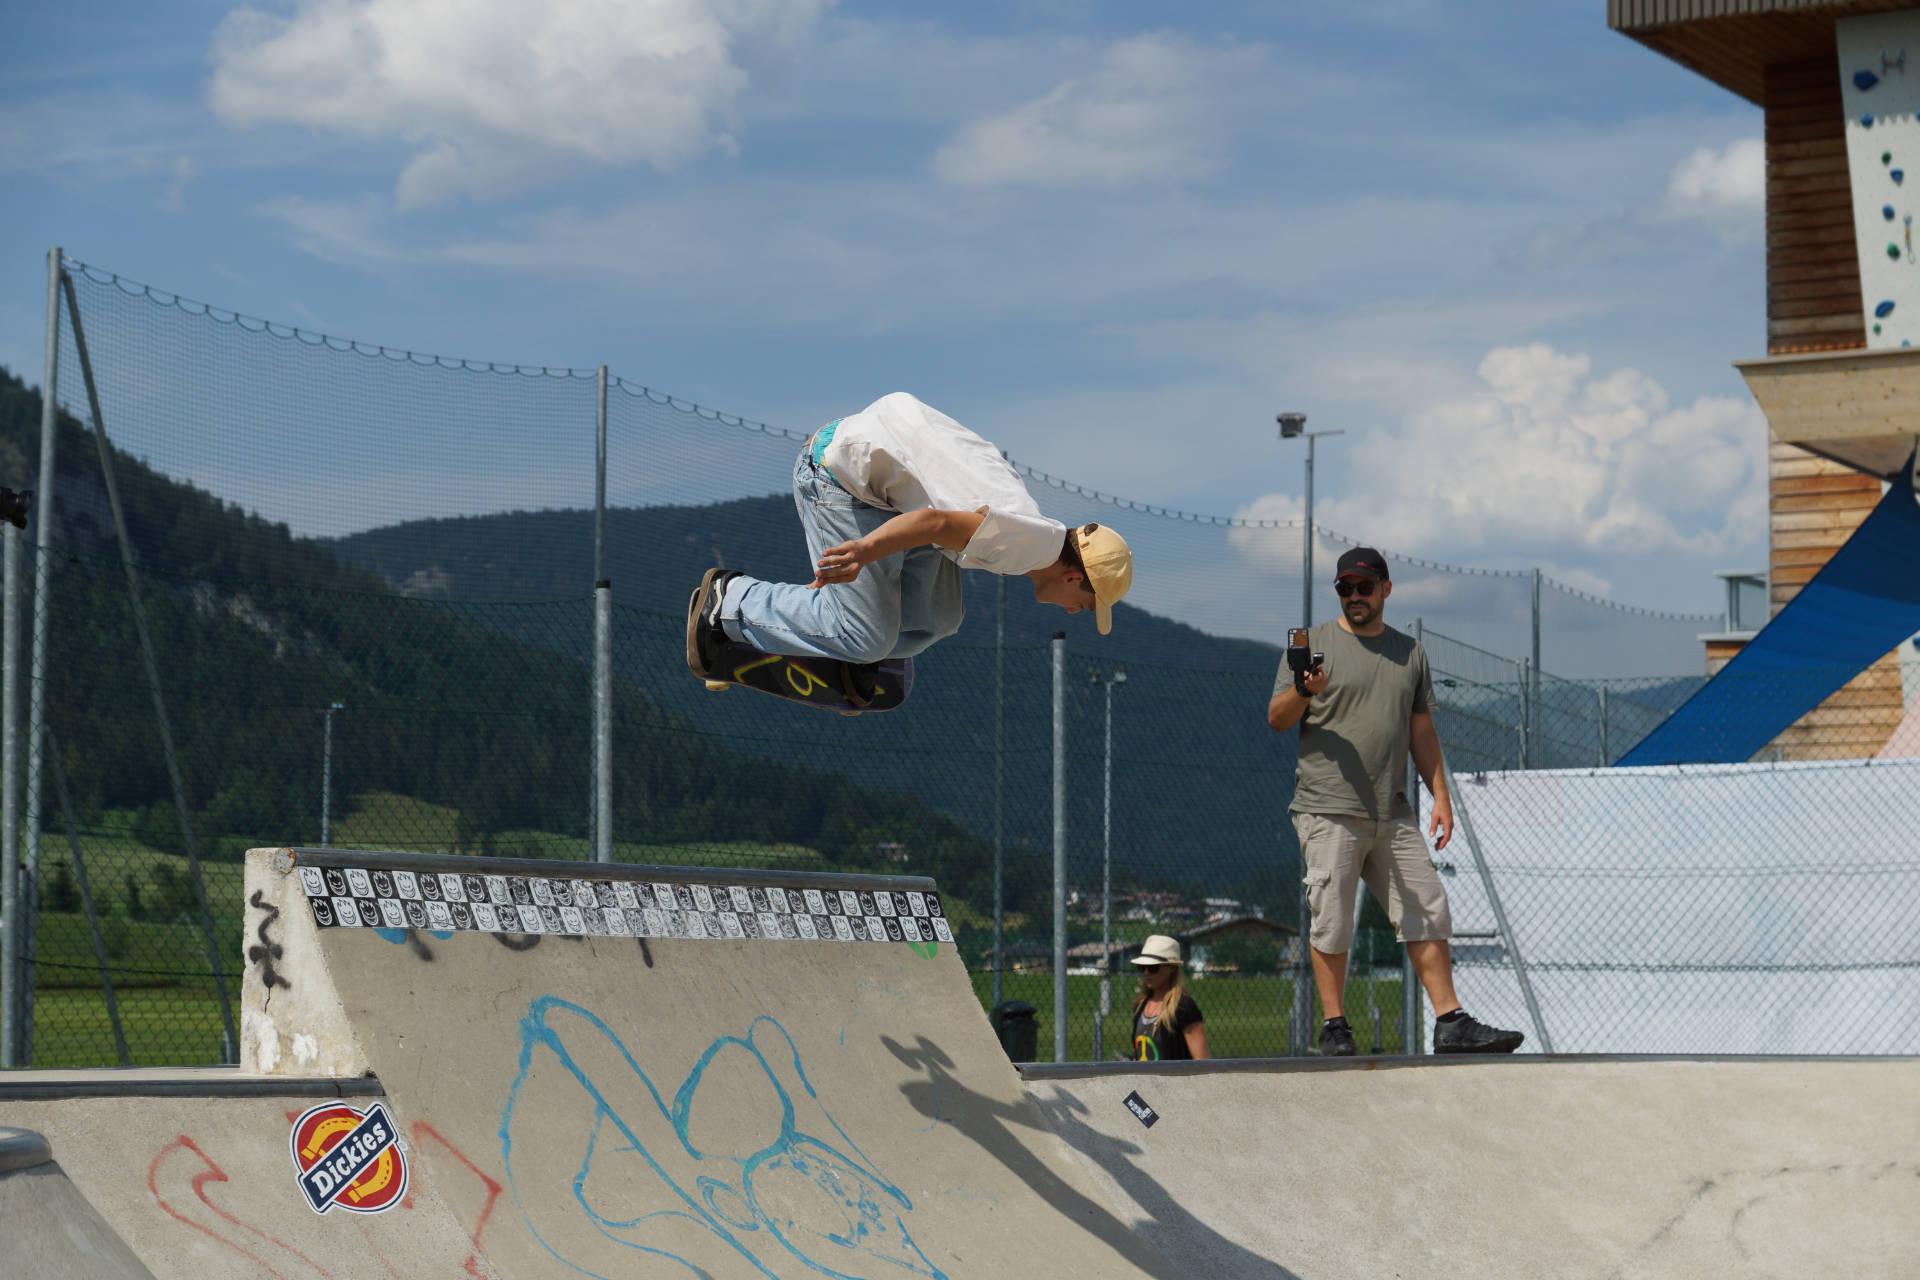 skateboardheadz st johann in tirol kgt 2019 finale 00038